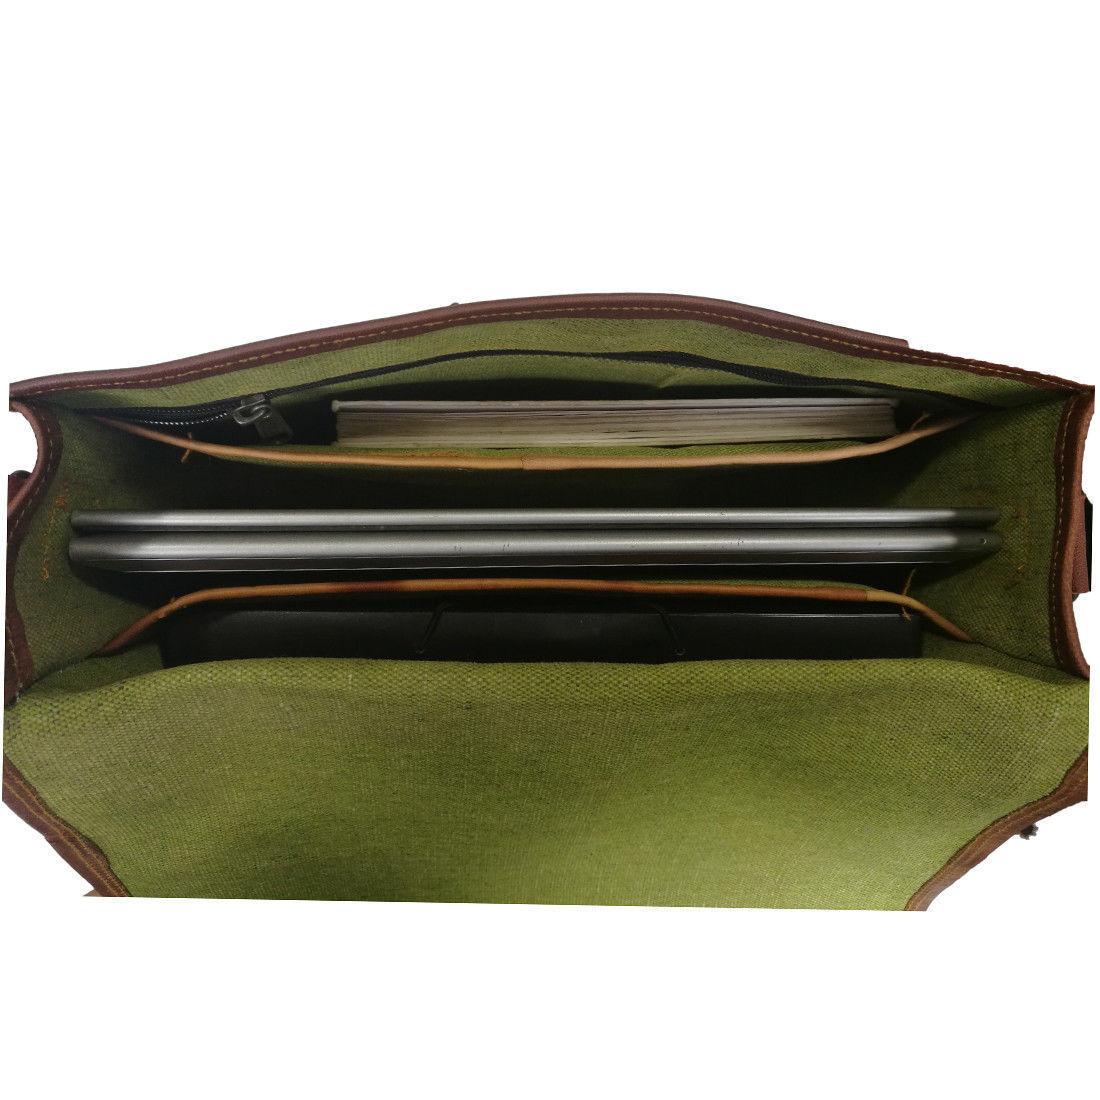 Aktentasche Umhängetasche Lehrertasche Schultasche  Tasche Tasche Tasche vintage spitze | Genial  255c0d